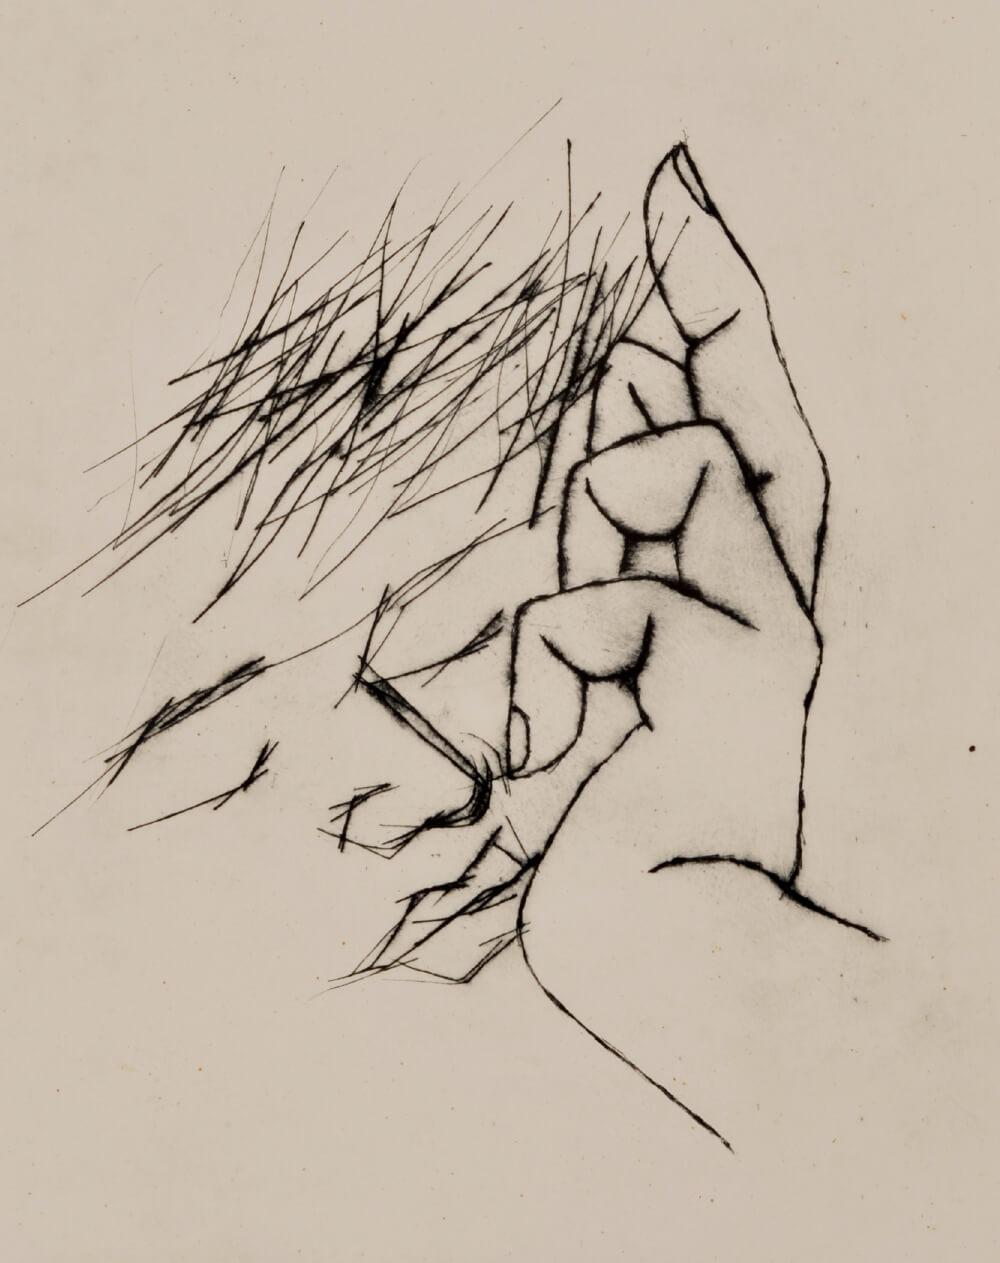 2016年9月24日から開催の「浅野 弥衛 抽象画展」の浅野 弥衛の作品01